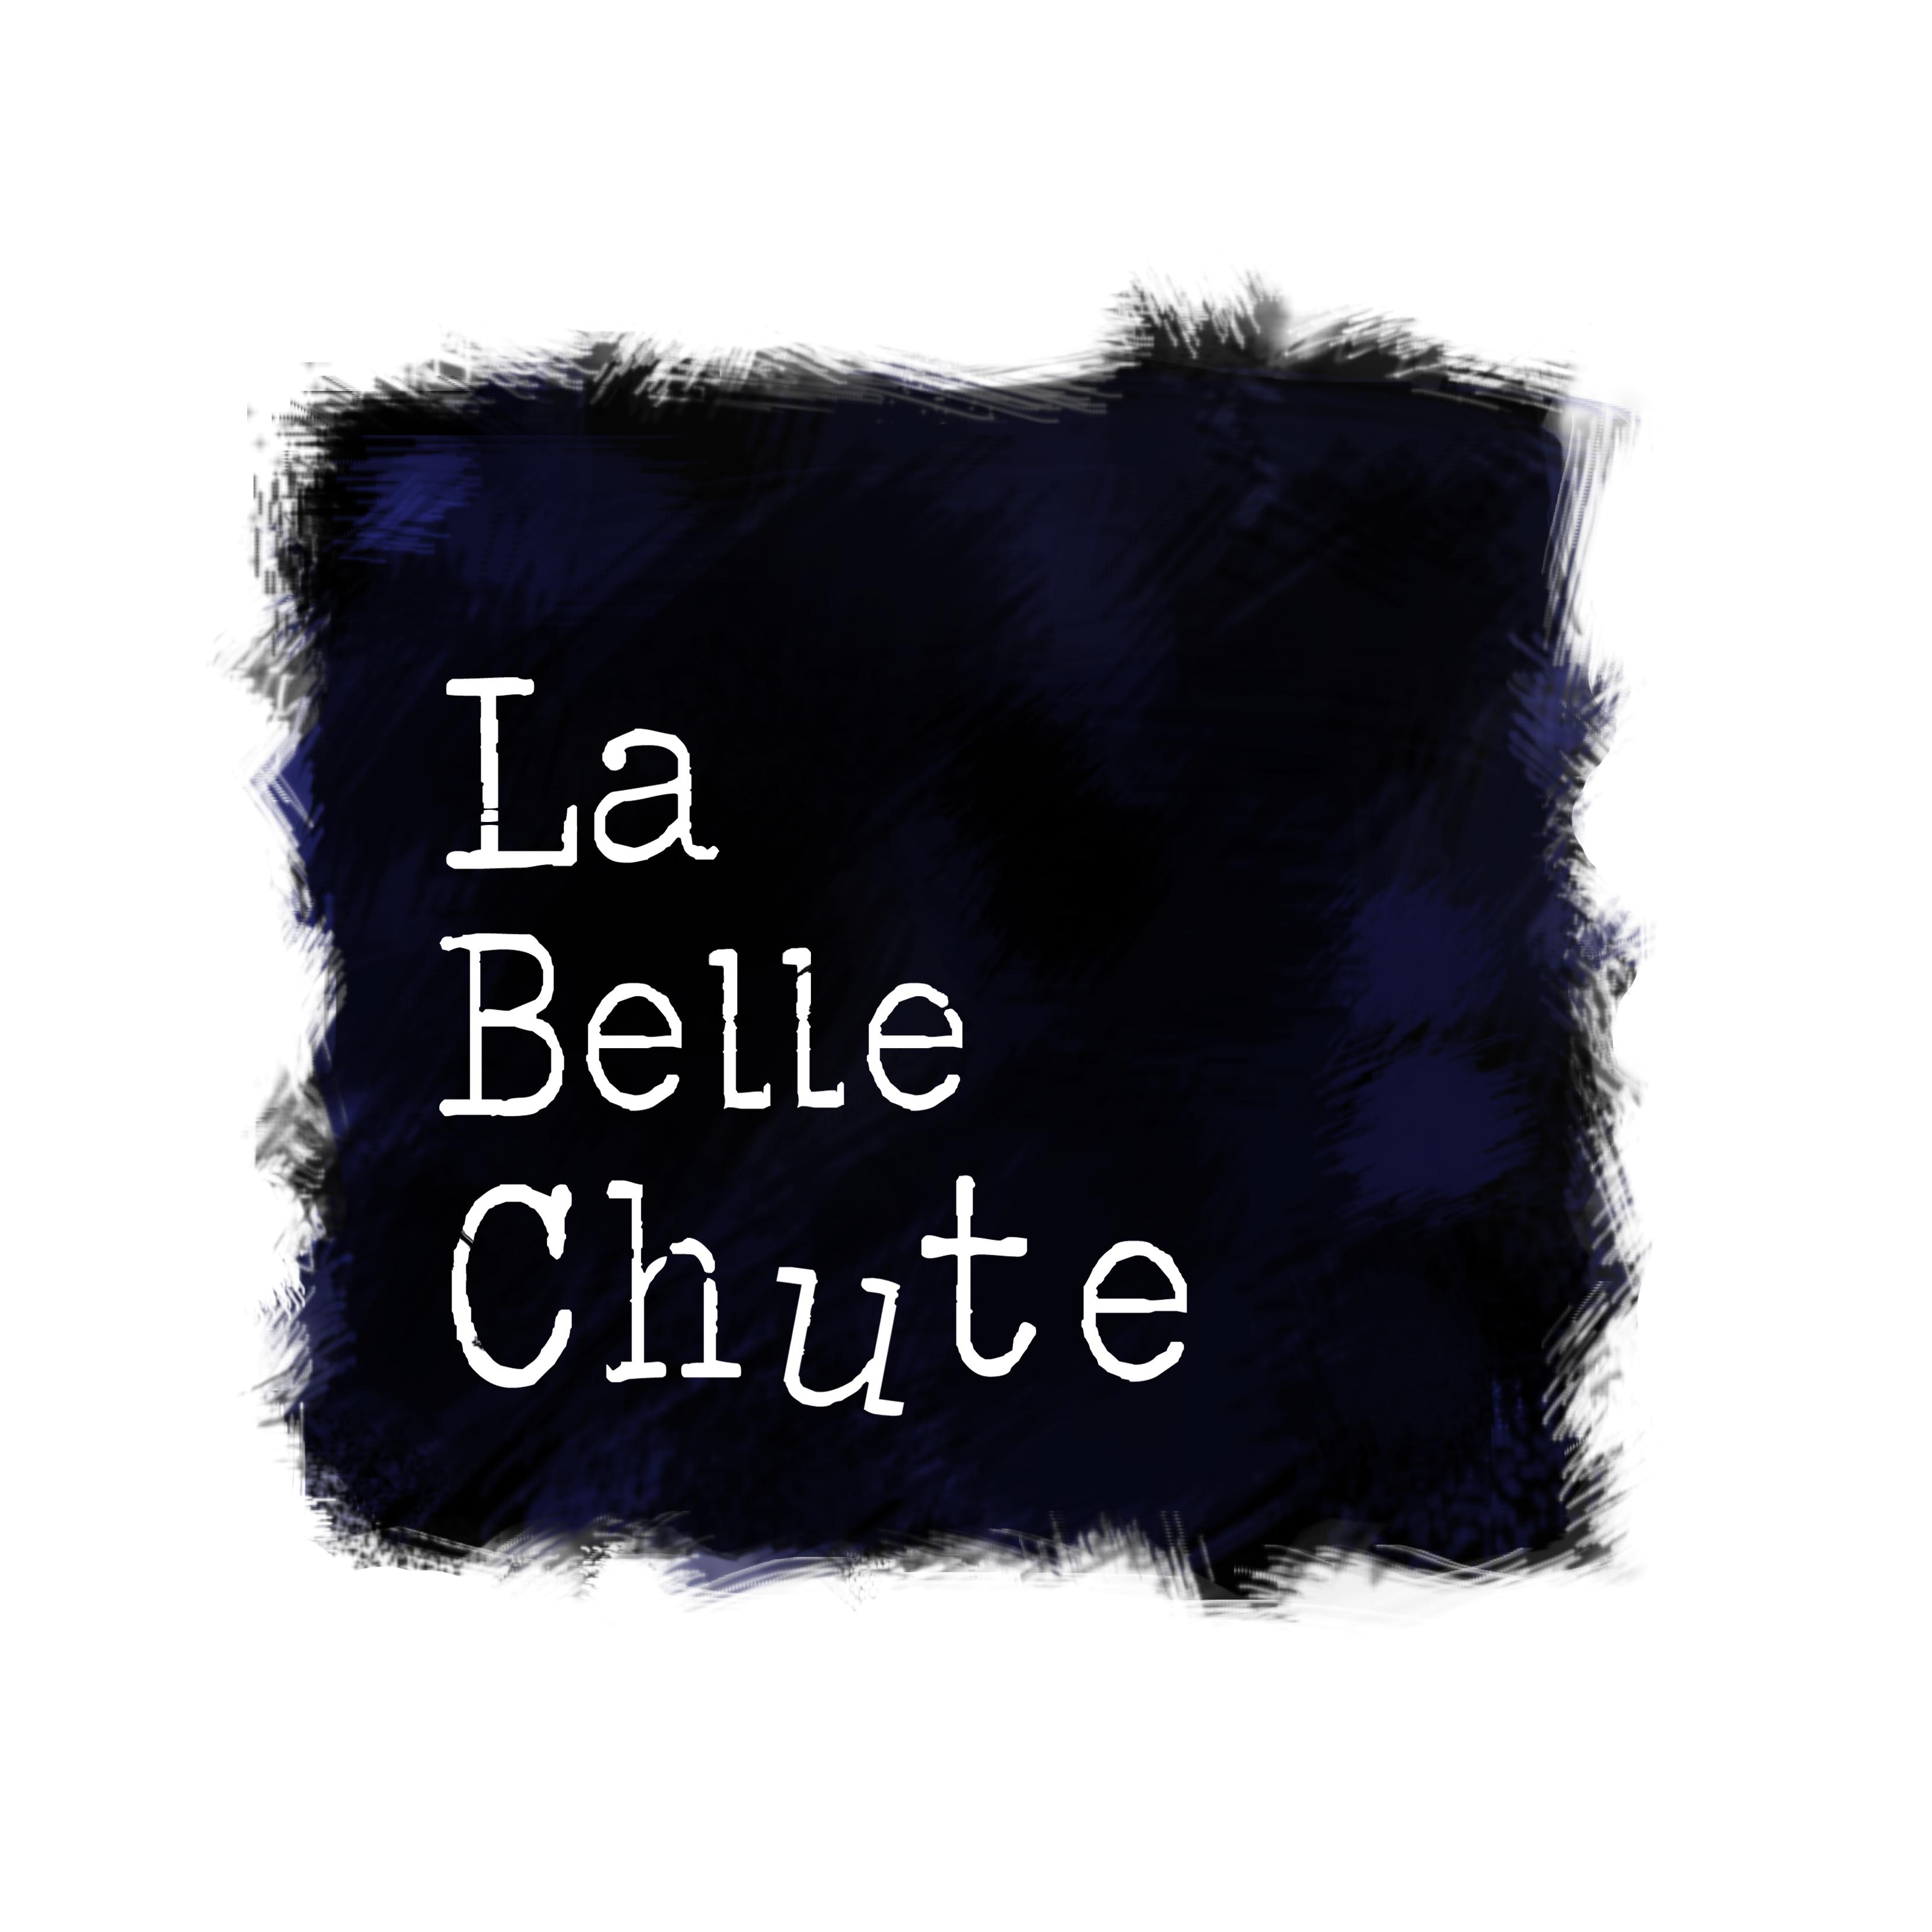 Compagnie La Belle Chute